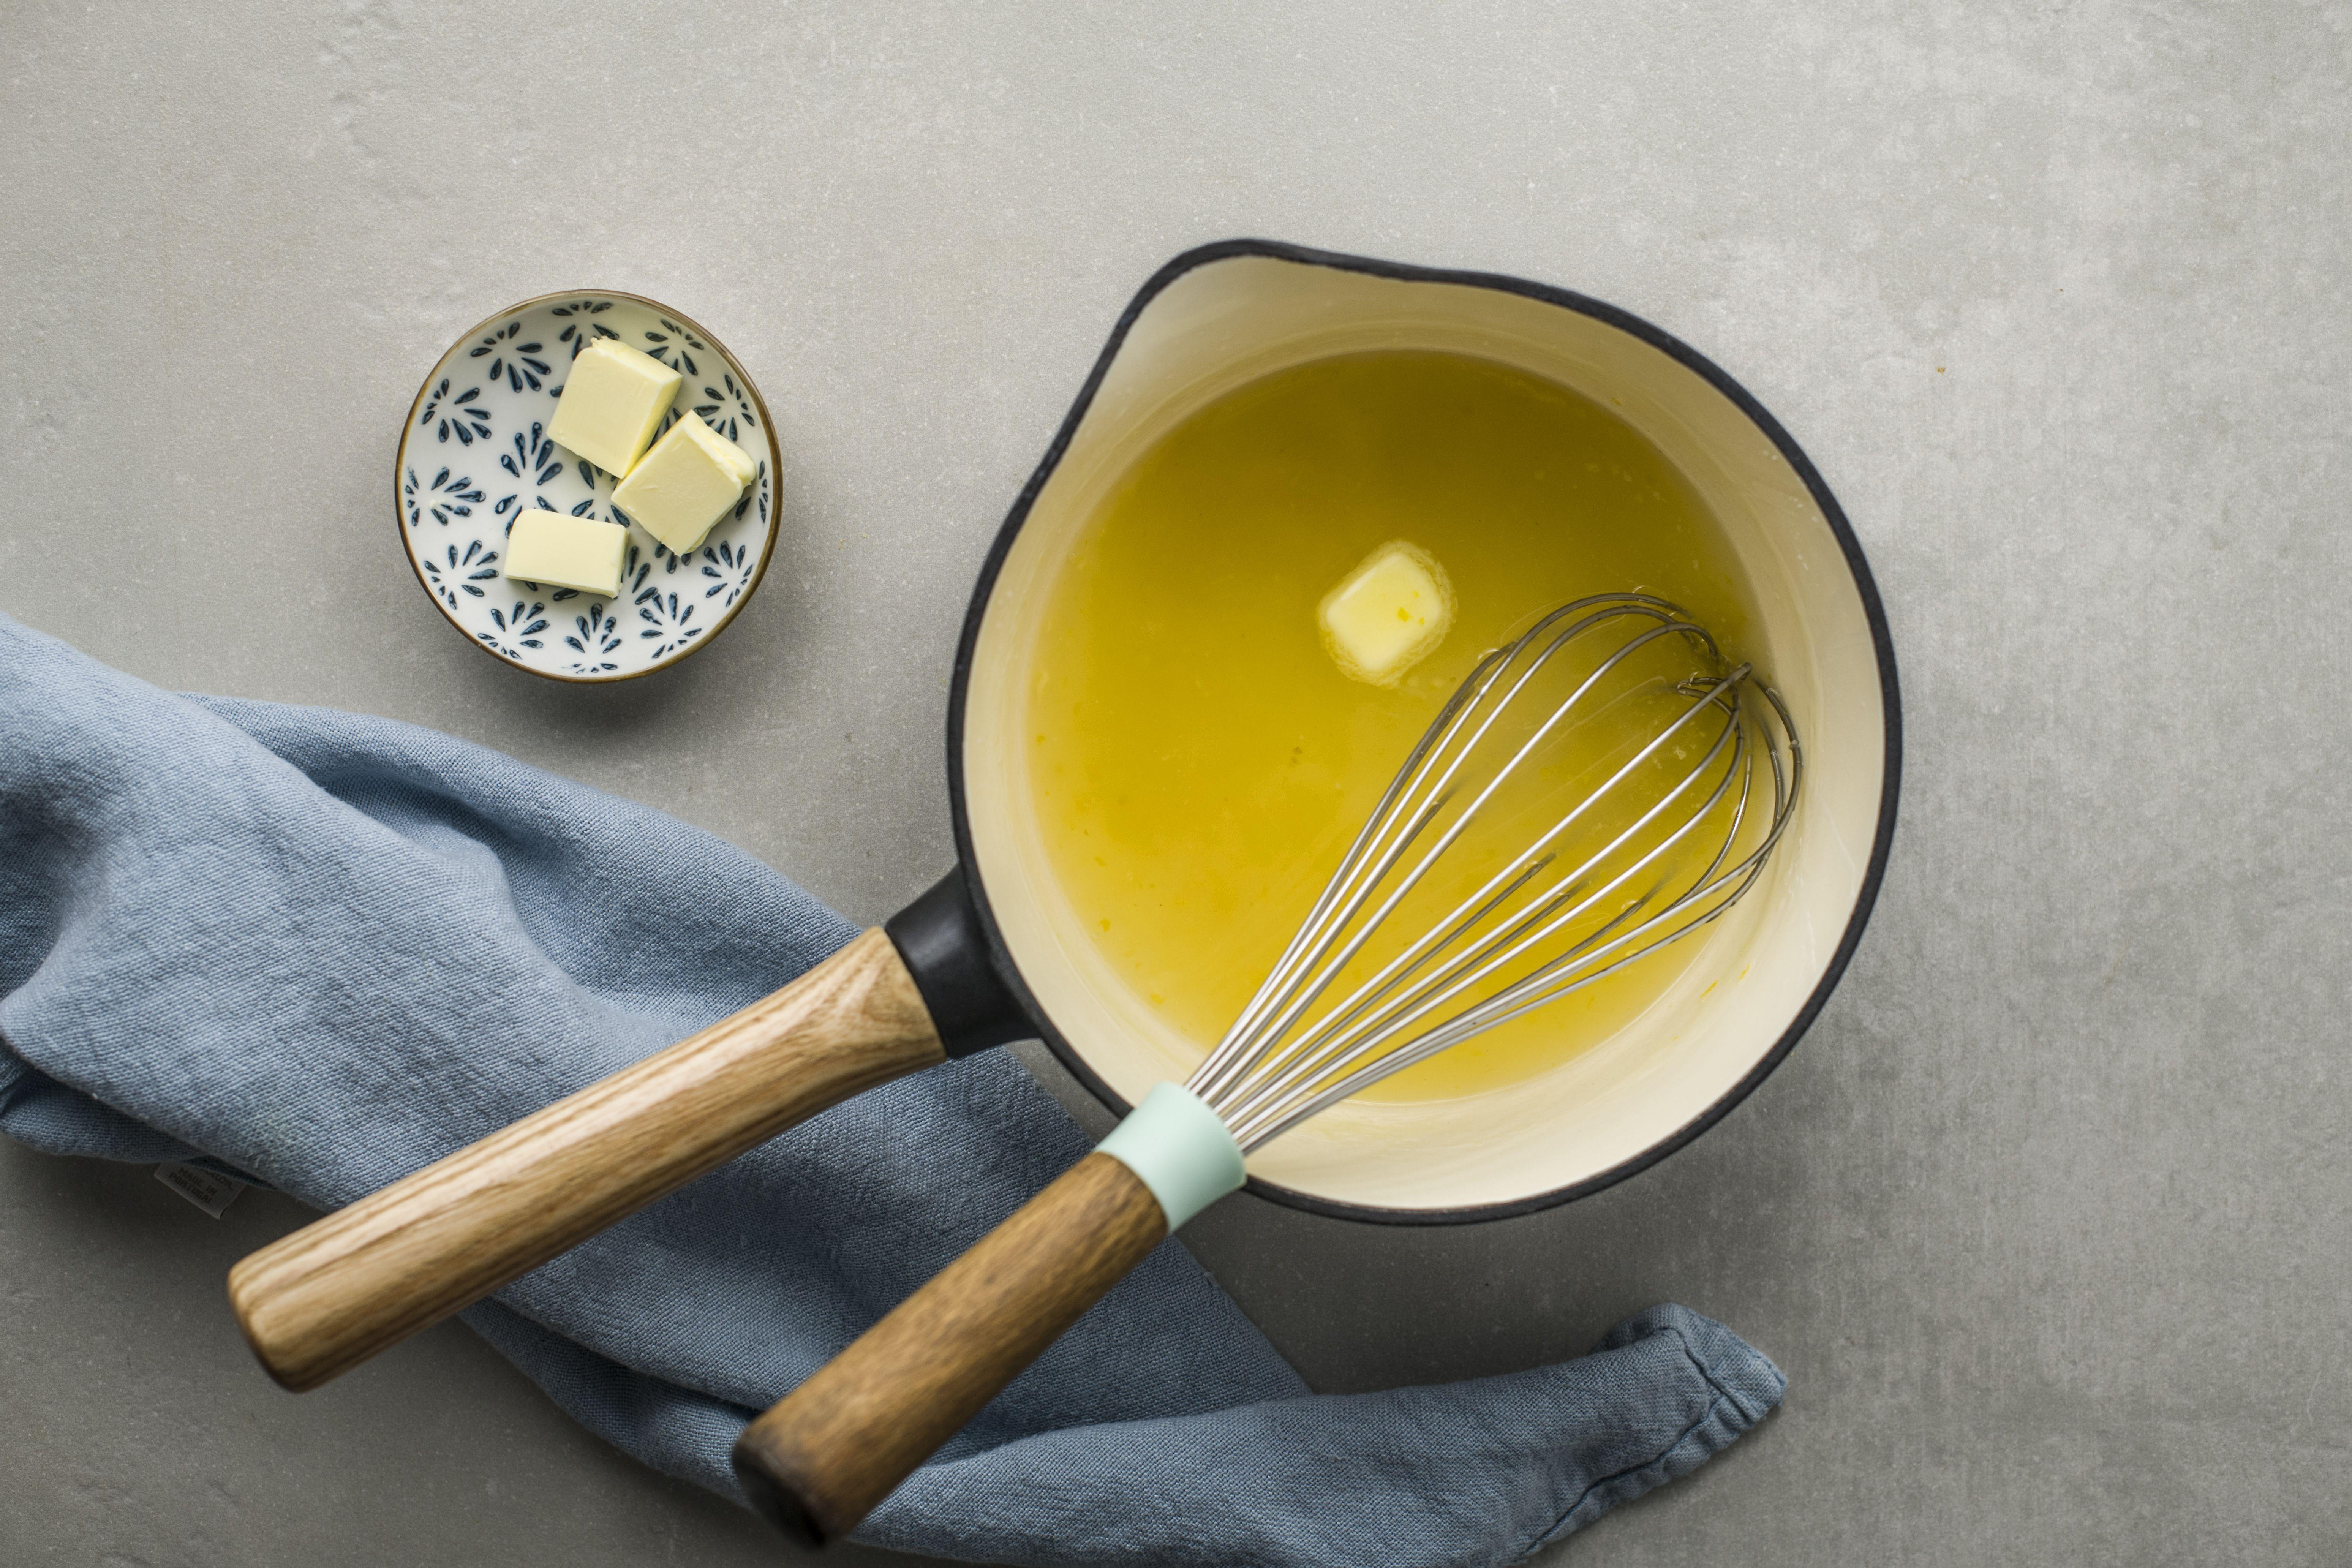 Whisk butter into lemon sauce